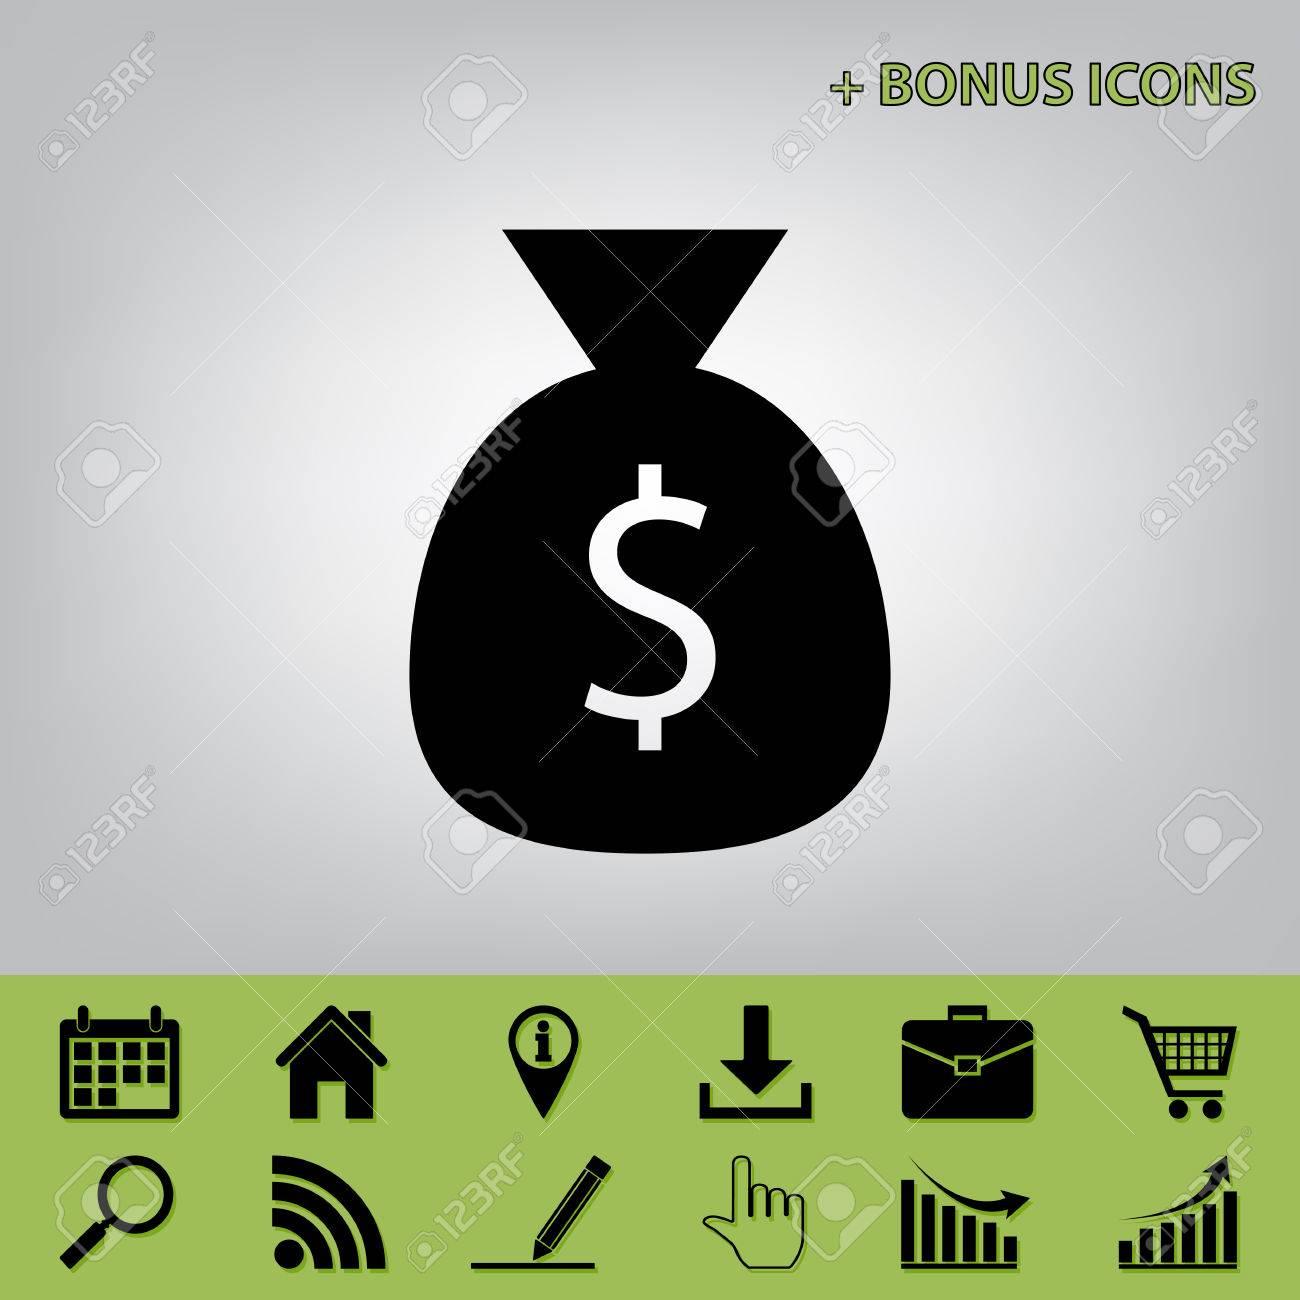 Illustration de signe de sac d'argent. Vecteur. Icône noire sur fond gris avec des icônes bonus au céleri